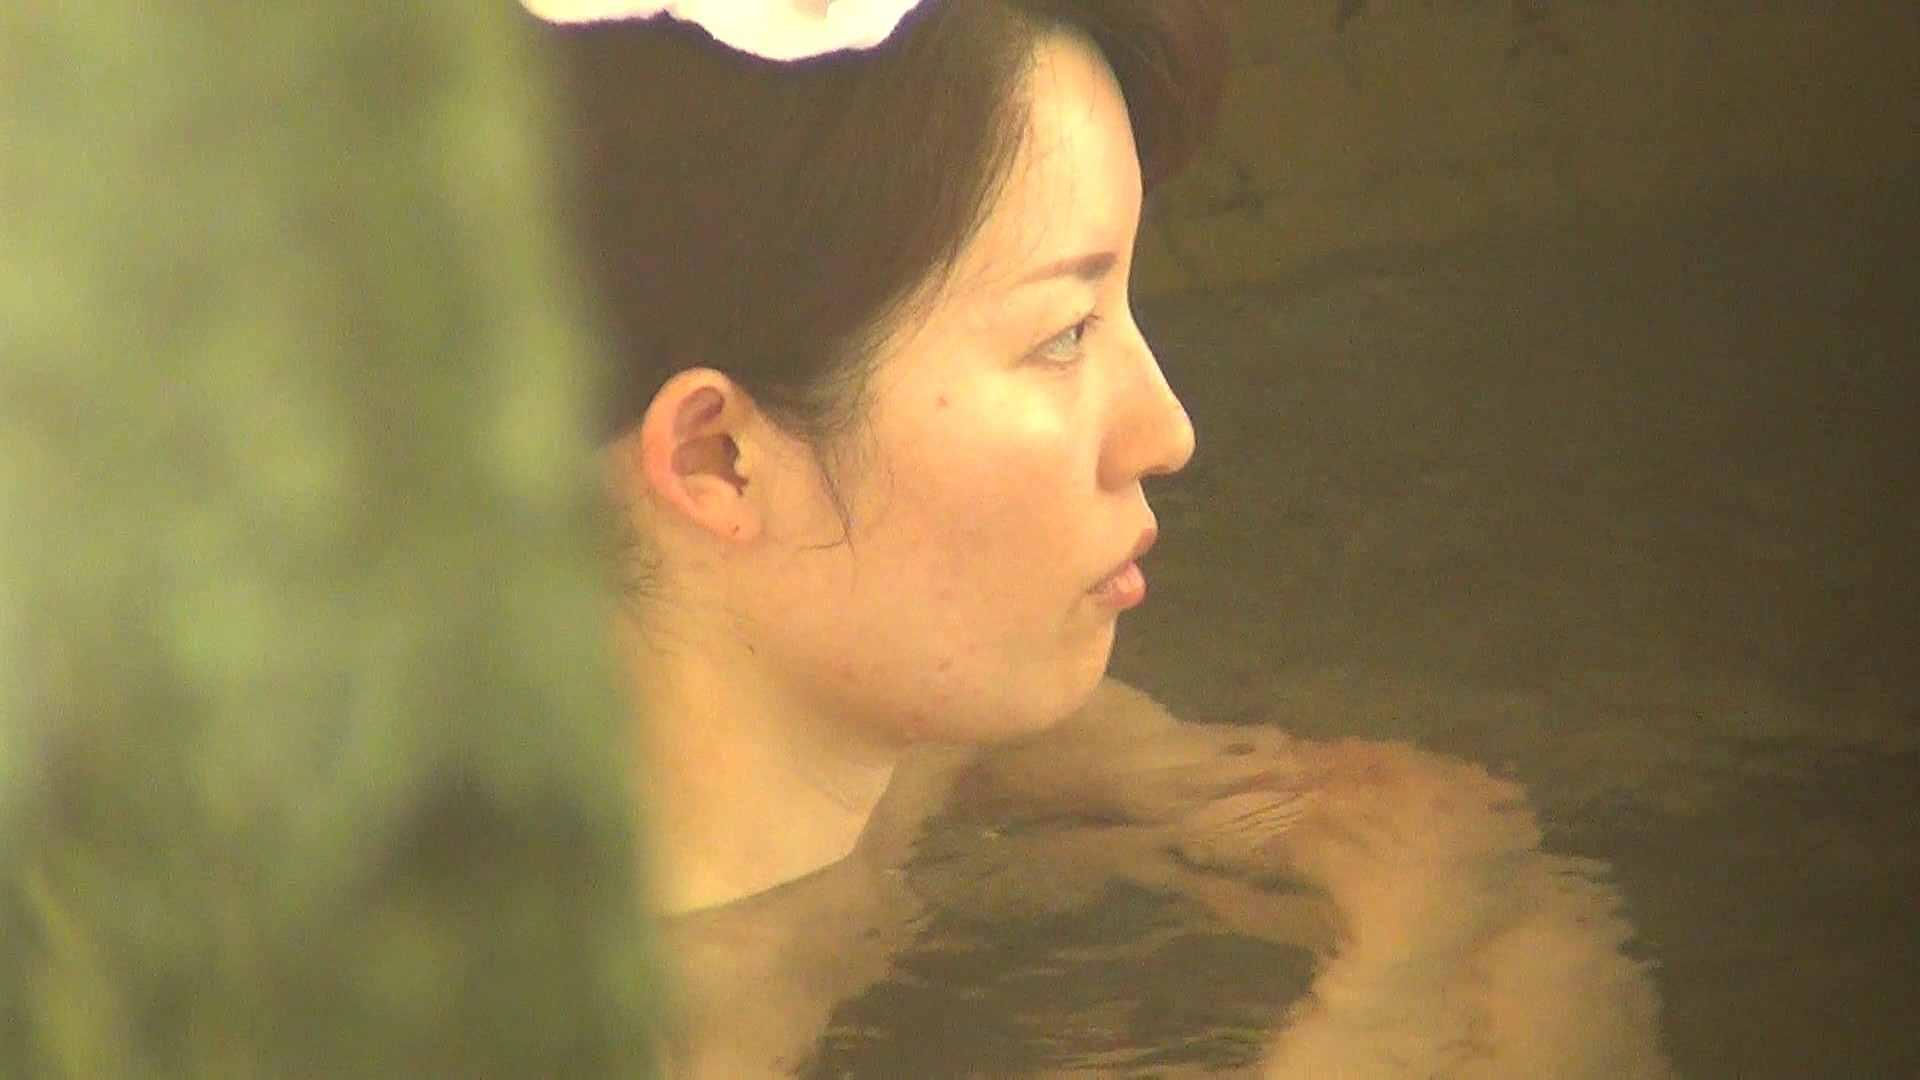 Aquaな露天風呂Vol.301 盗撮 | 露天風呂  112連発 97